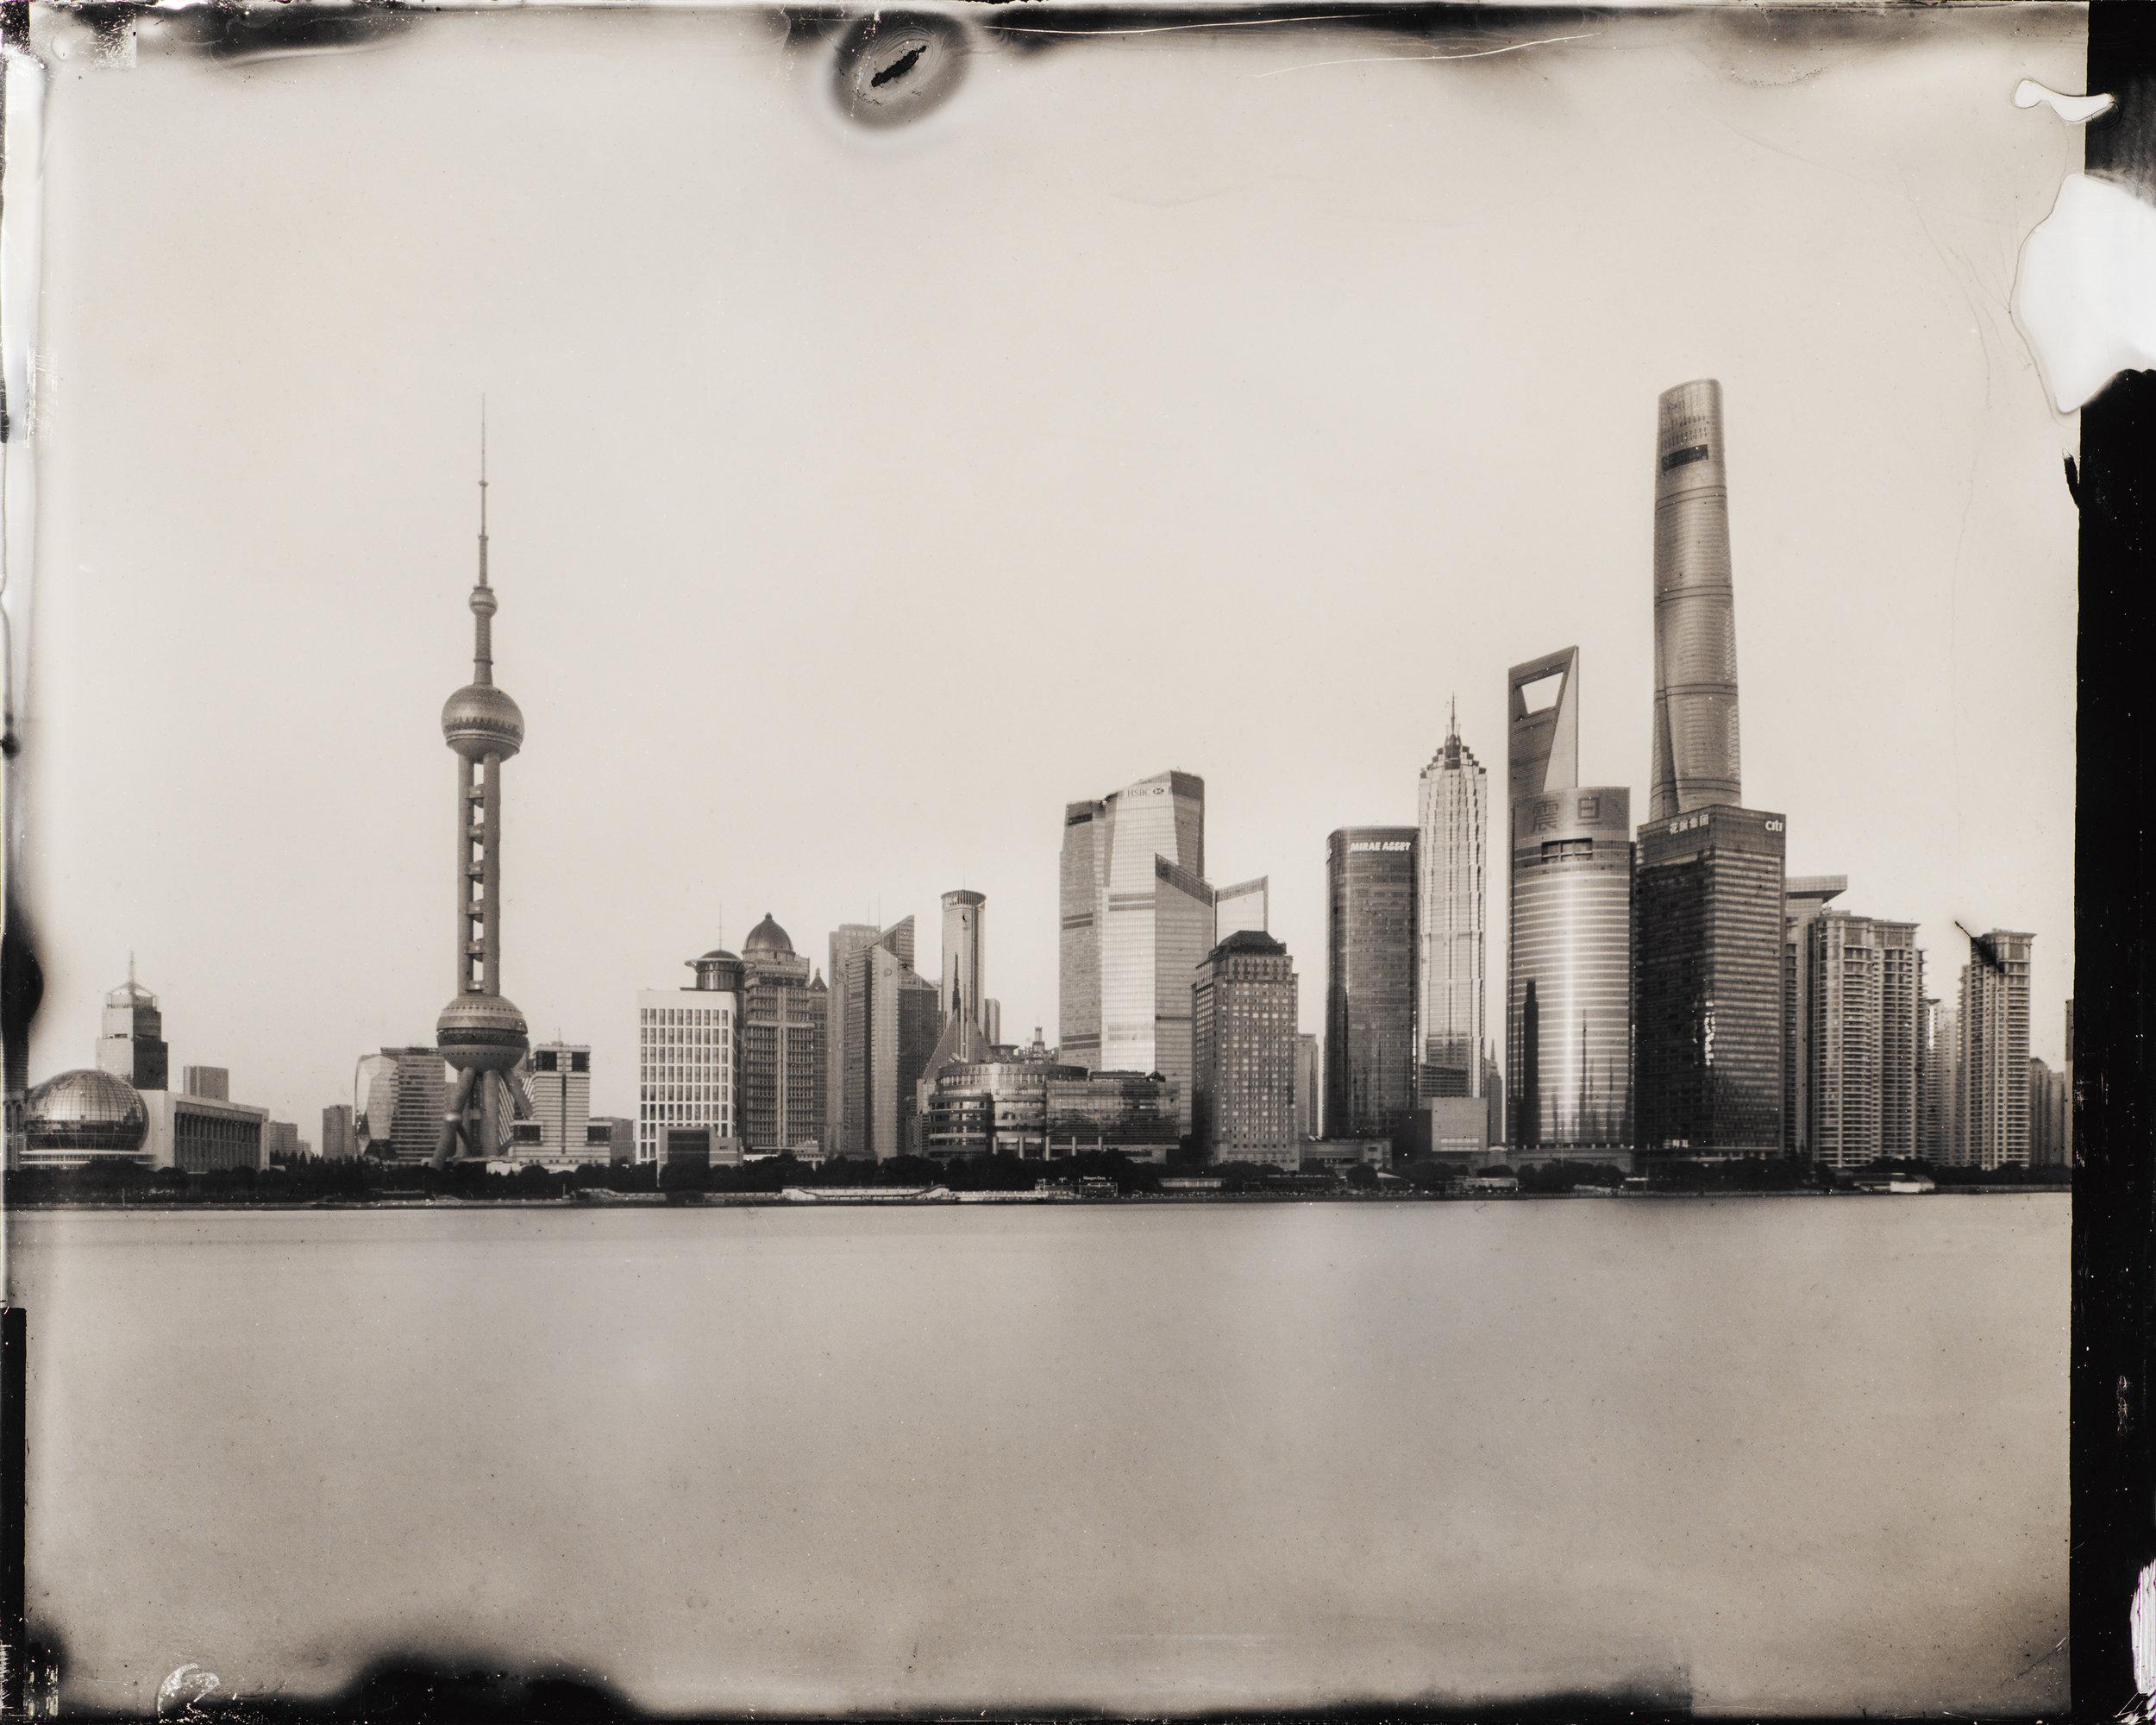 Dry Plate Collodion(乾板写真)_CHINA    中国 の 北京 、 万里の長城 、 上海 、 蘇州 、 杭州 を撮影。撮影結果がすぐに分からないフイルム写真。乾板写真はそのフイルムを自分自身で作り上げ、経験で適正露出を割り出し、そして現像処理をする。デジタルがもたらした 安心性に逆光 ... つづきをみる